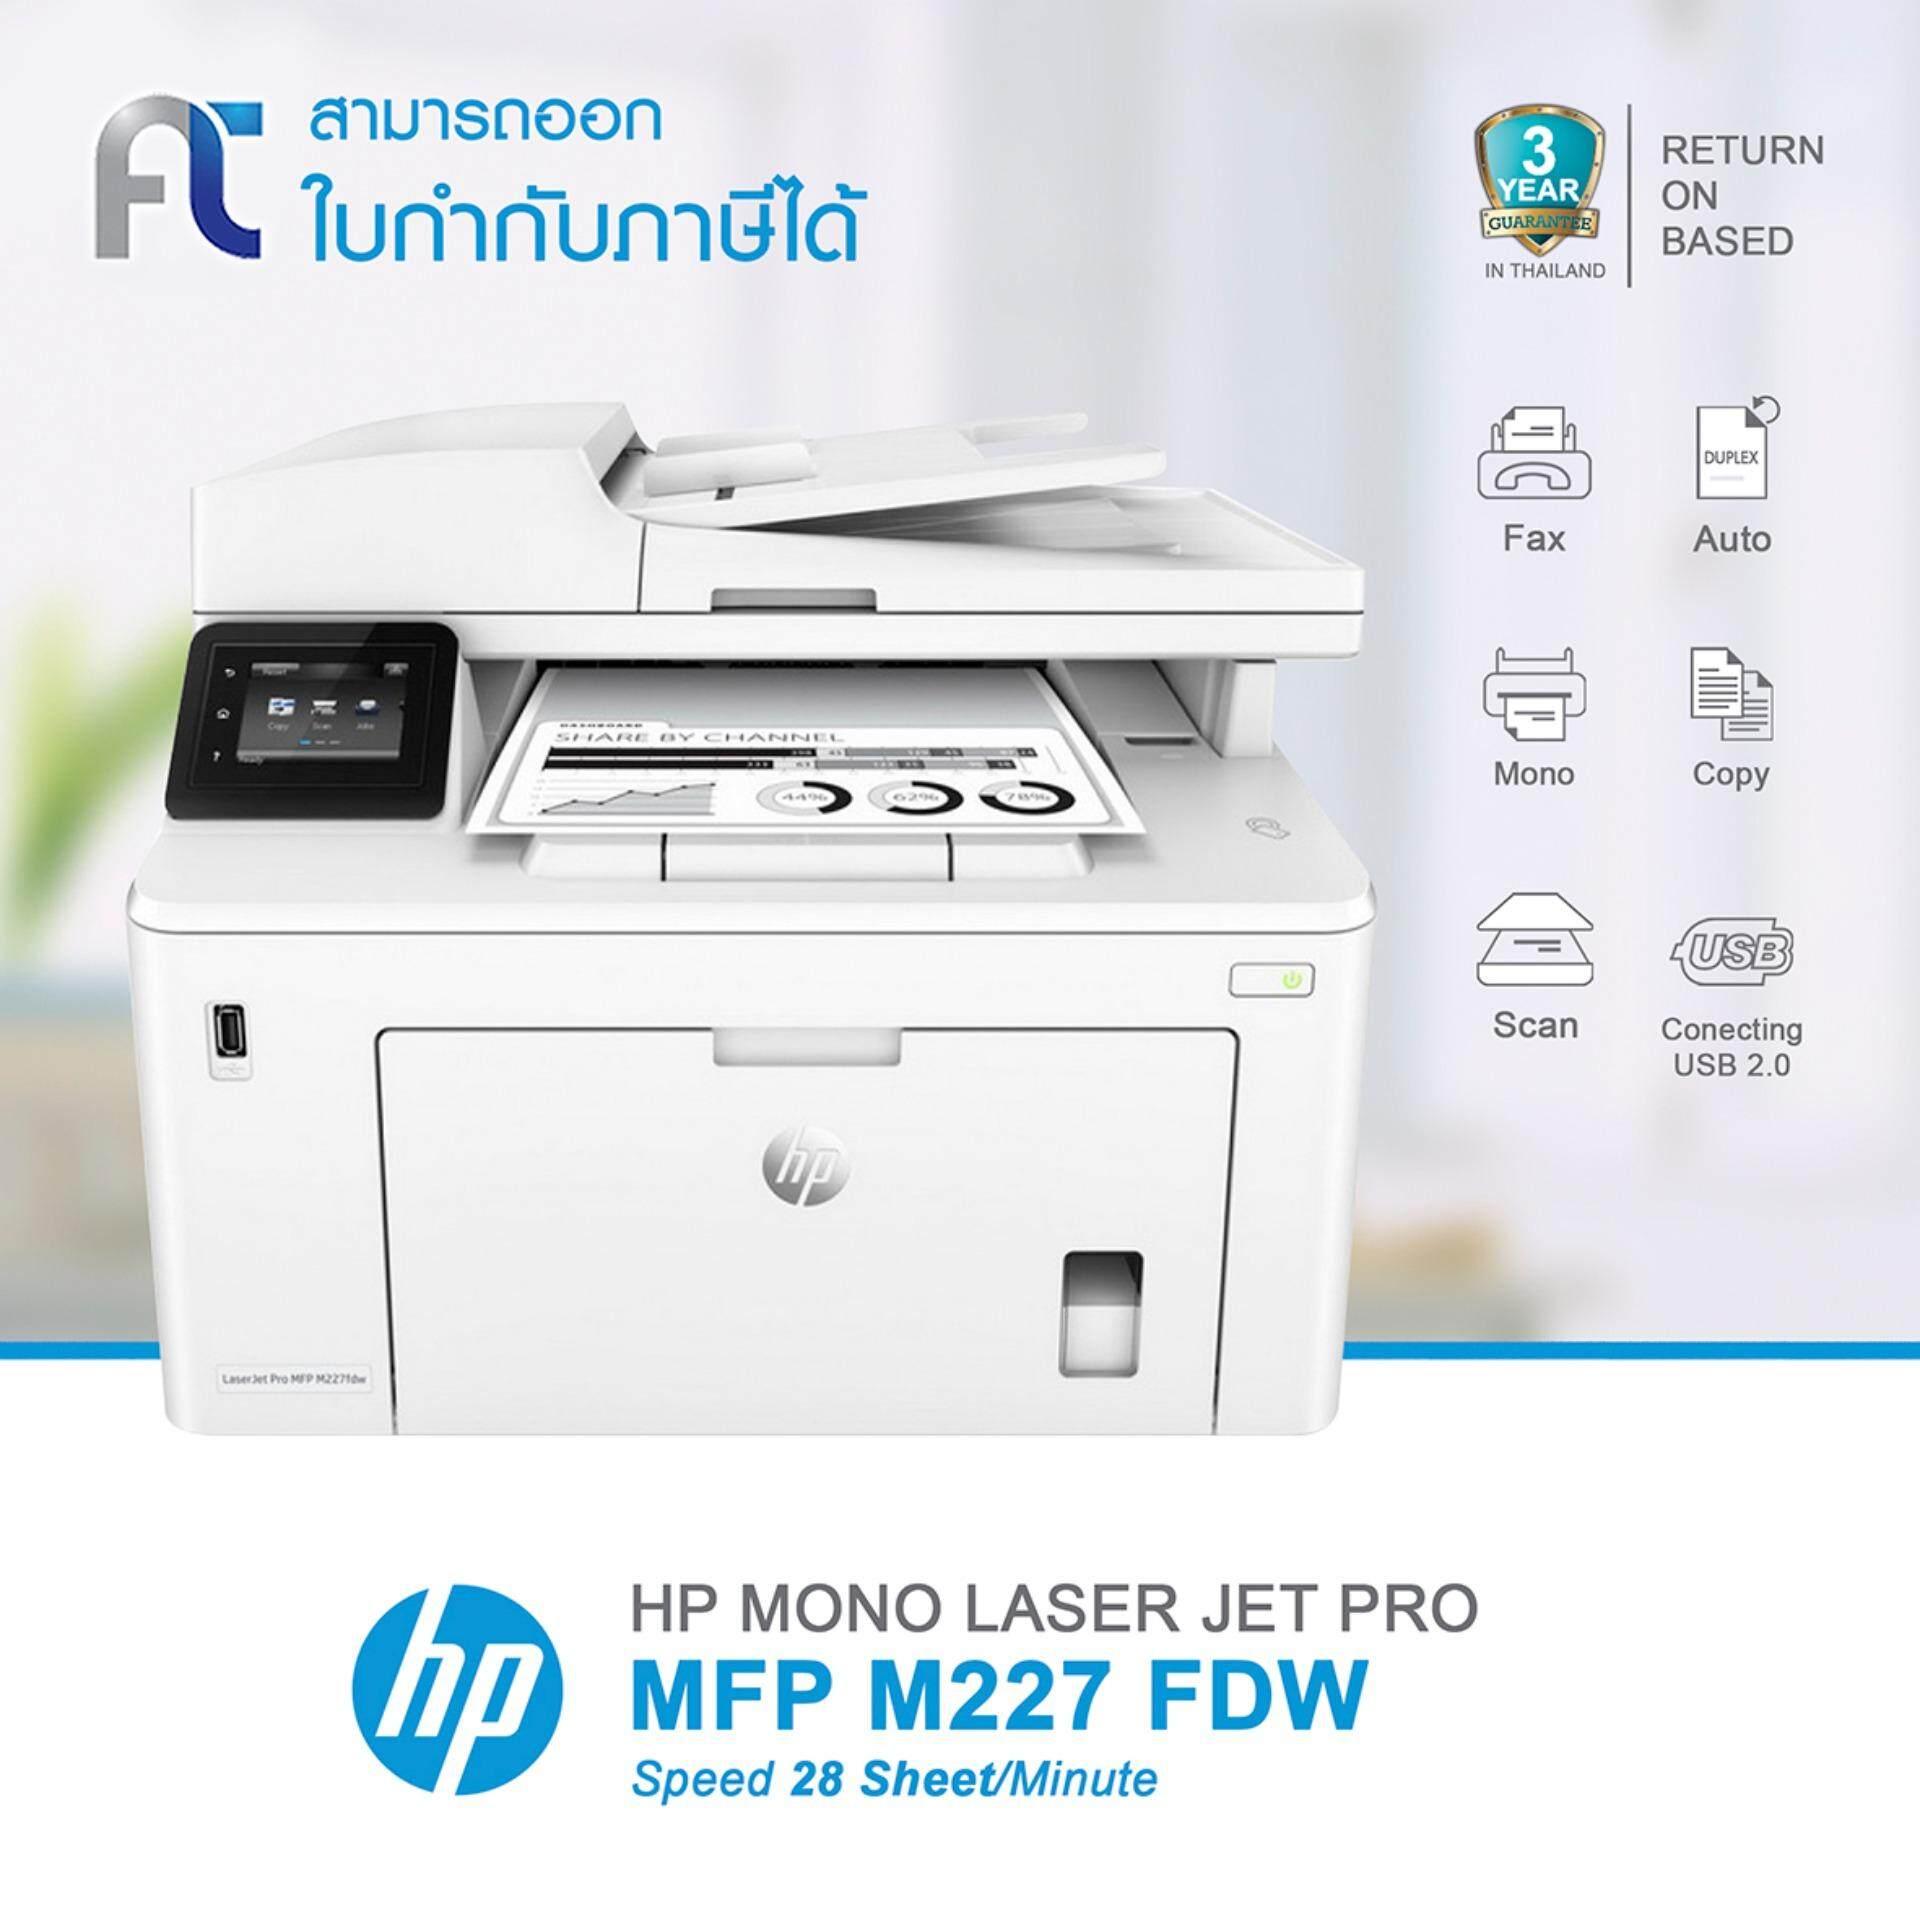 ซื้อ 3 Year Warranty Hp Laserjet Pro Mfp M227Fdw Print Copy Scan Fax Duplex ออนไลน์ ถูก